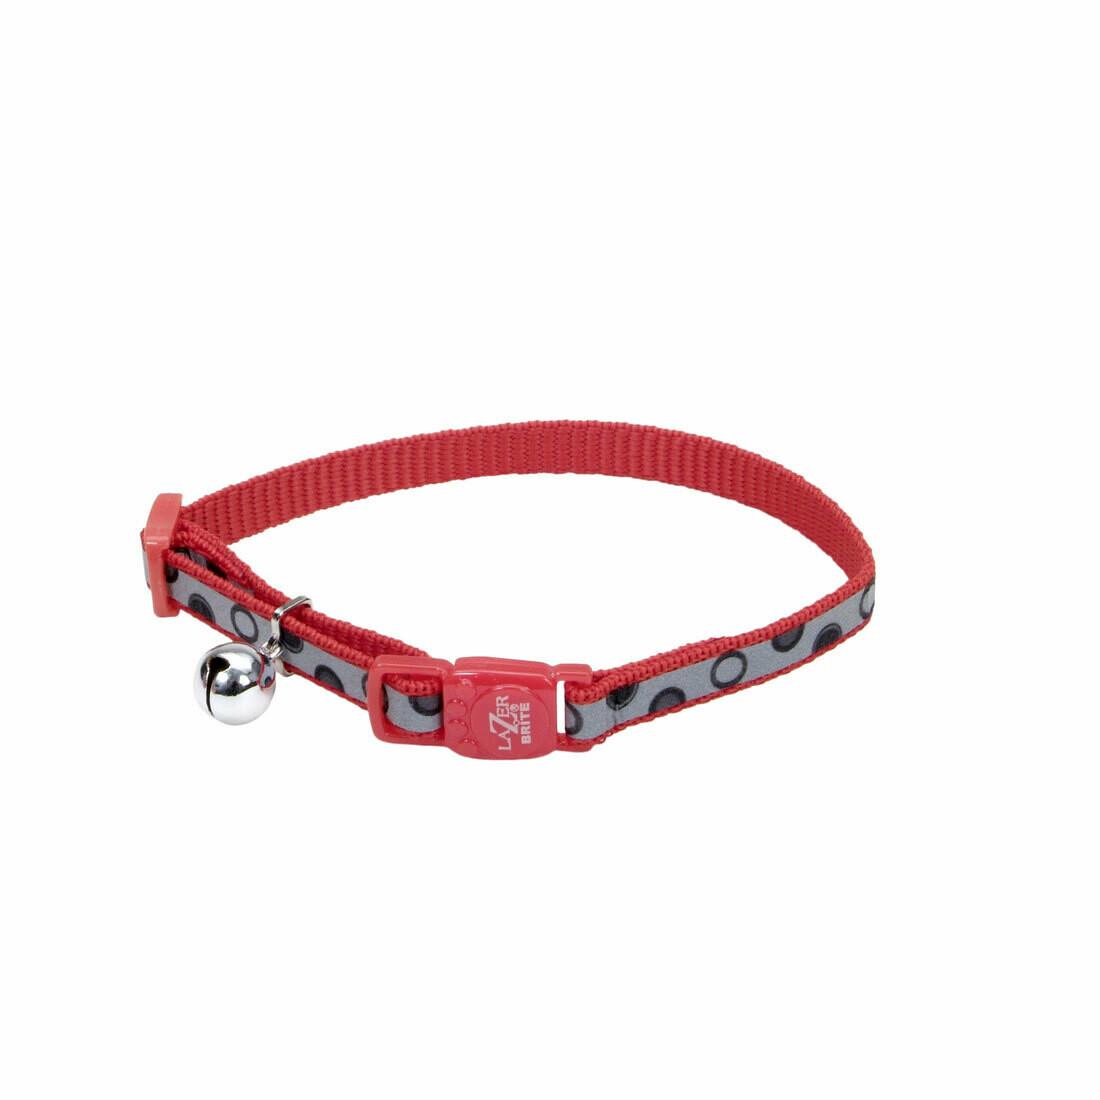 Lazer Brite Cat Collar - Red Bubbles